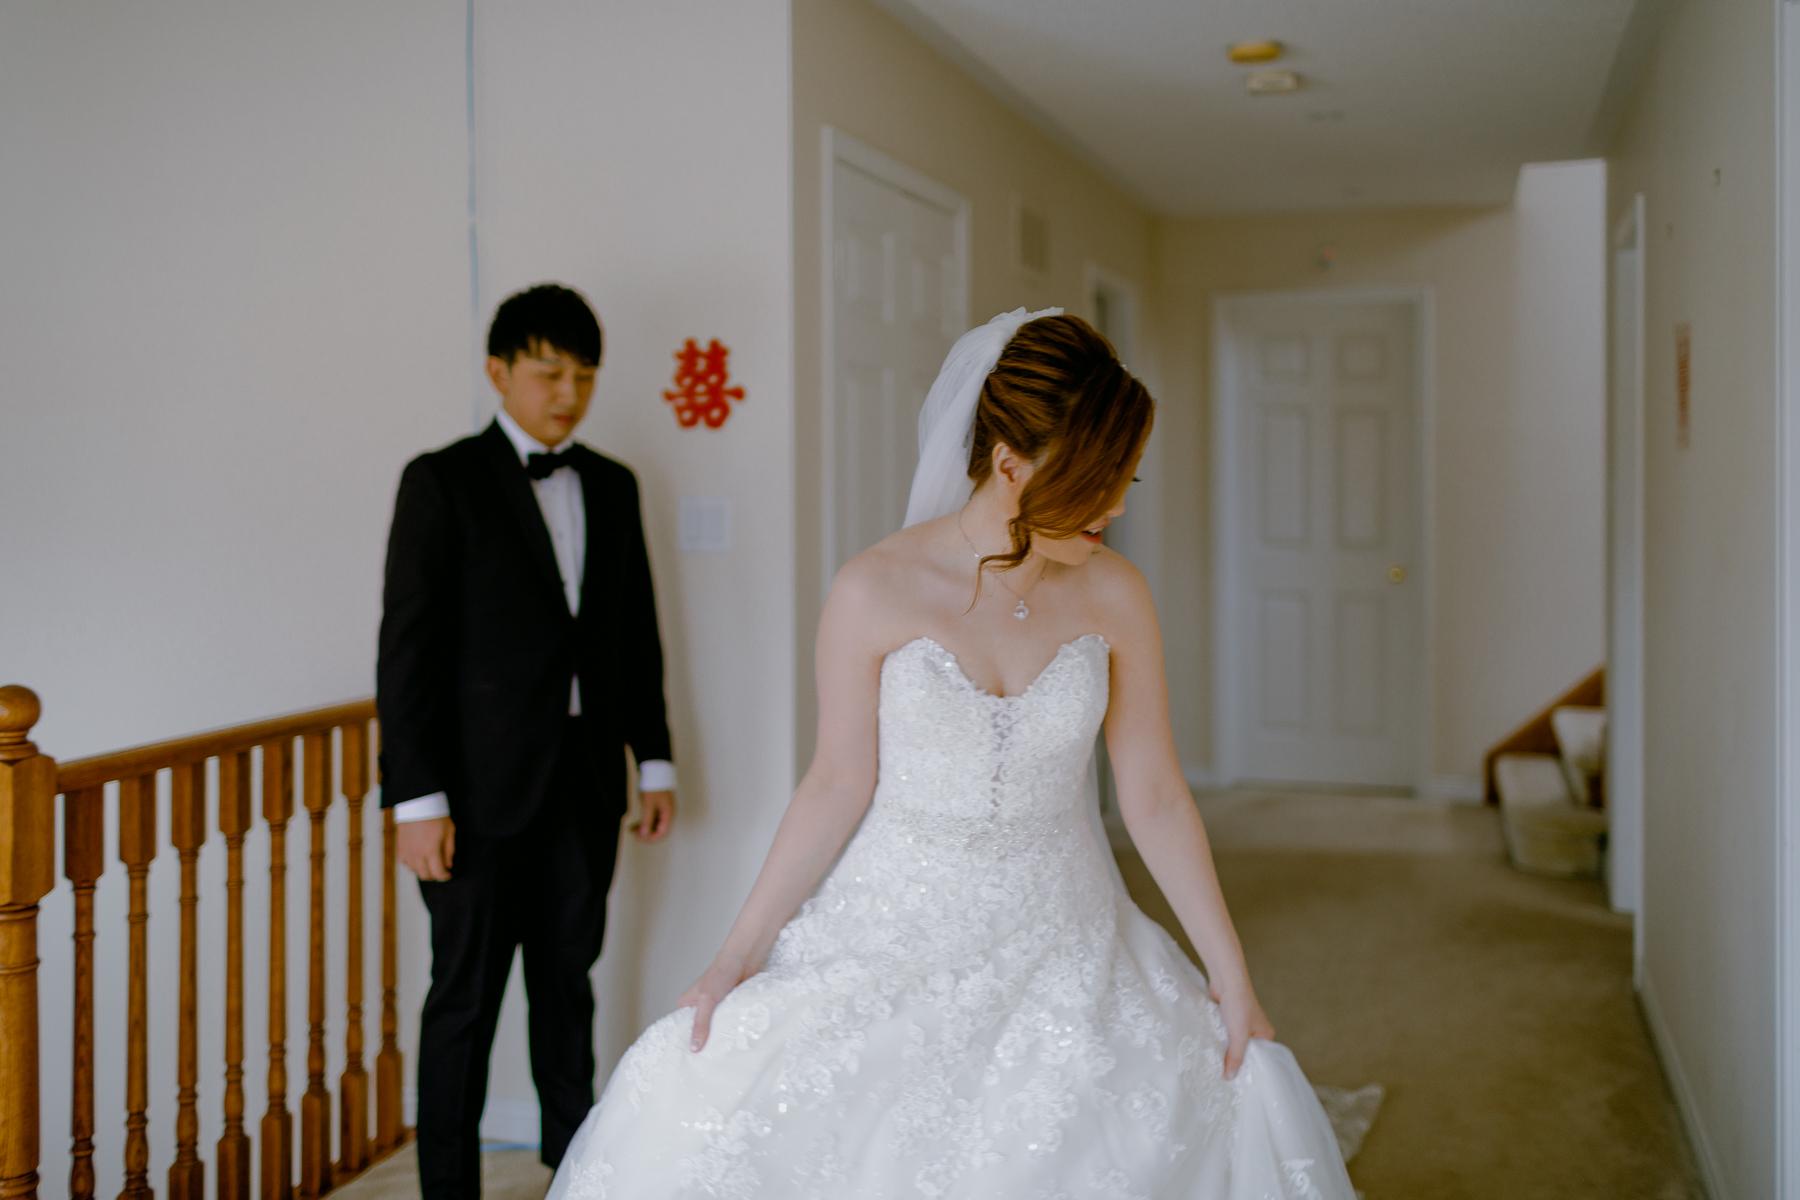 markham-wedding-photography-markham-museum-wedding 0014.jpg